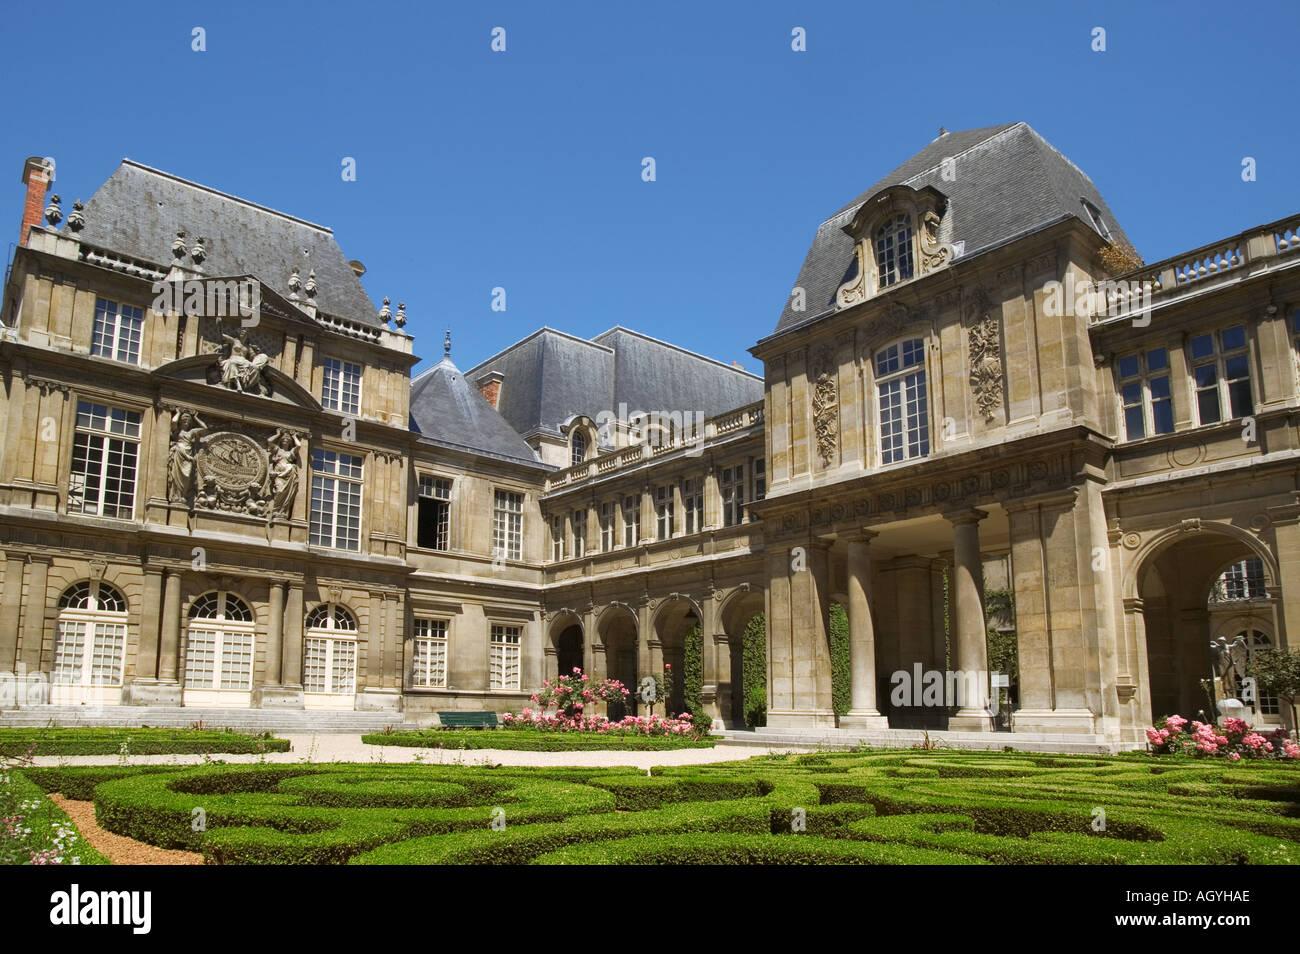 France - Hôtel Carnavalet in Marais district at Paris - Stock Image